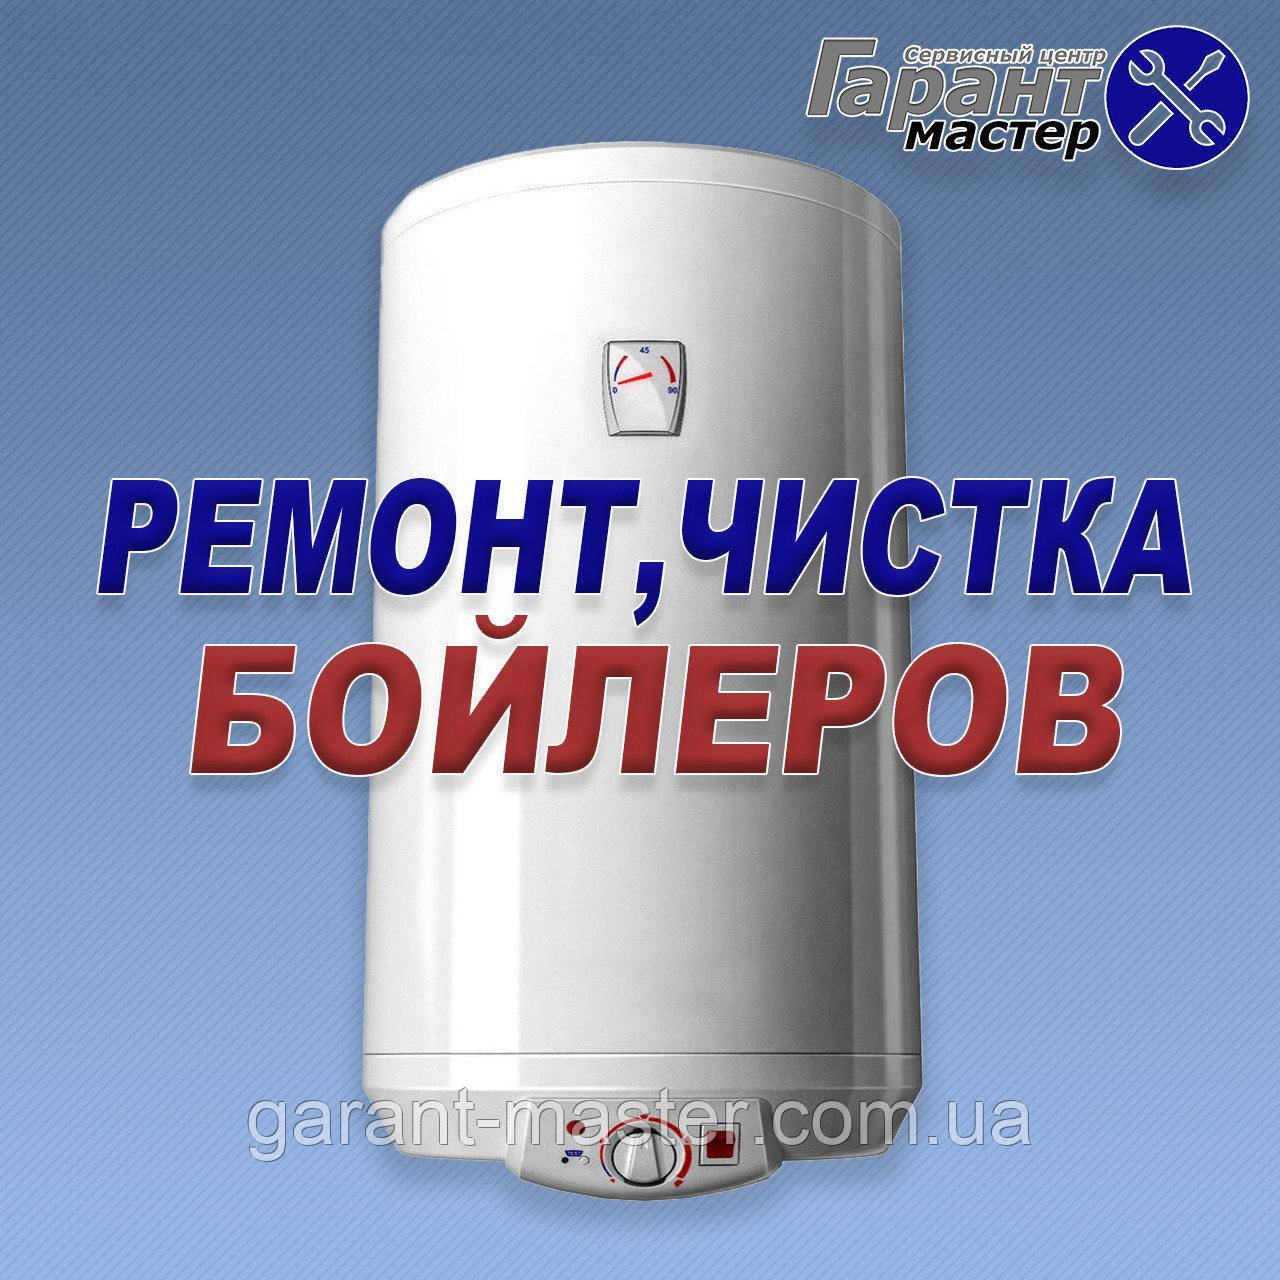 Ремонт водонагревателя Харьков. Установка водонагревателя Харьков